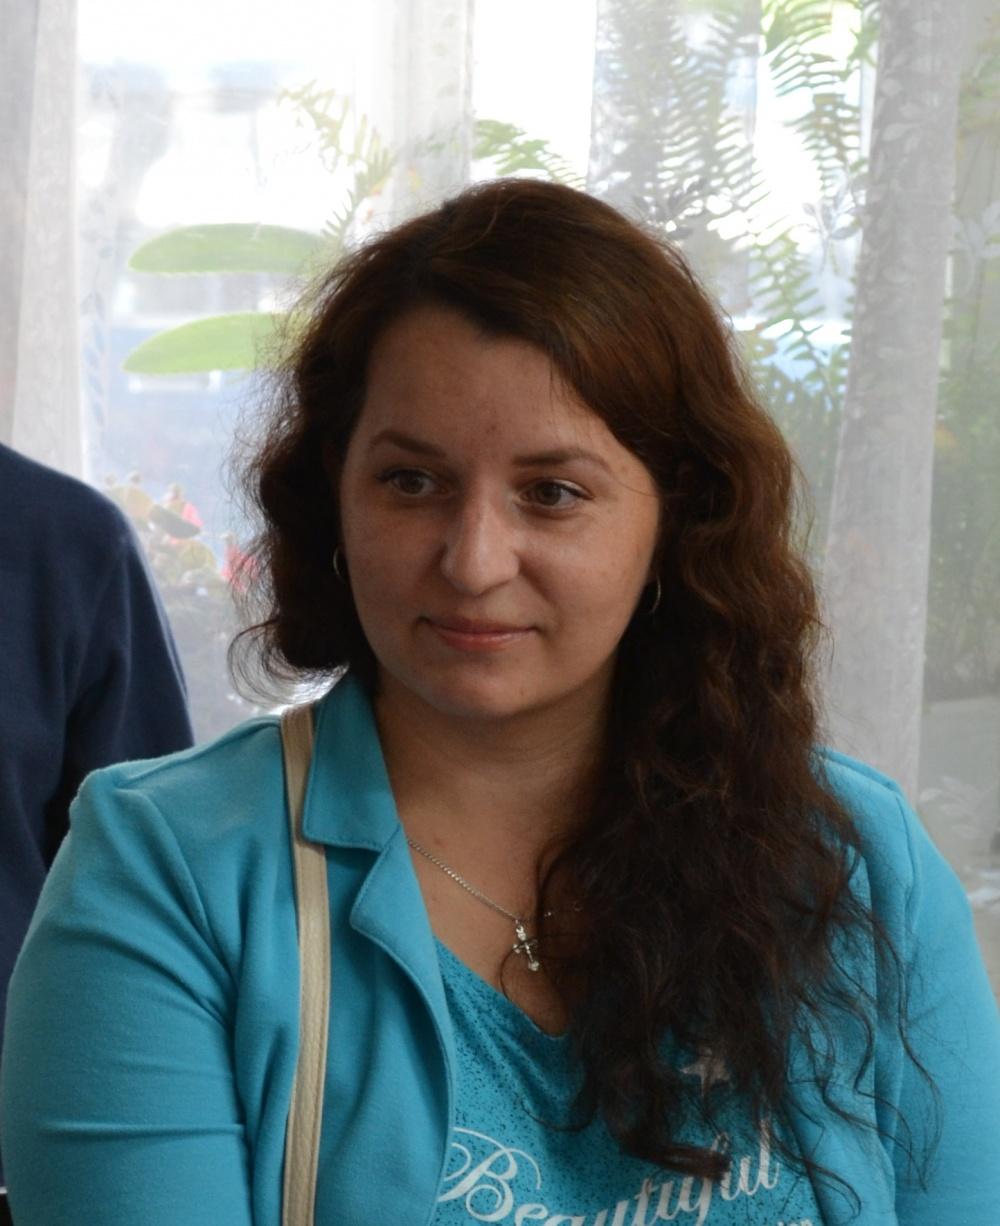 По итогам жеребьевки в состав бюджетной комиссии вошла Наталья Бирюкова